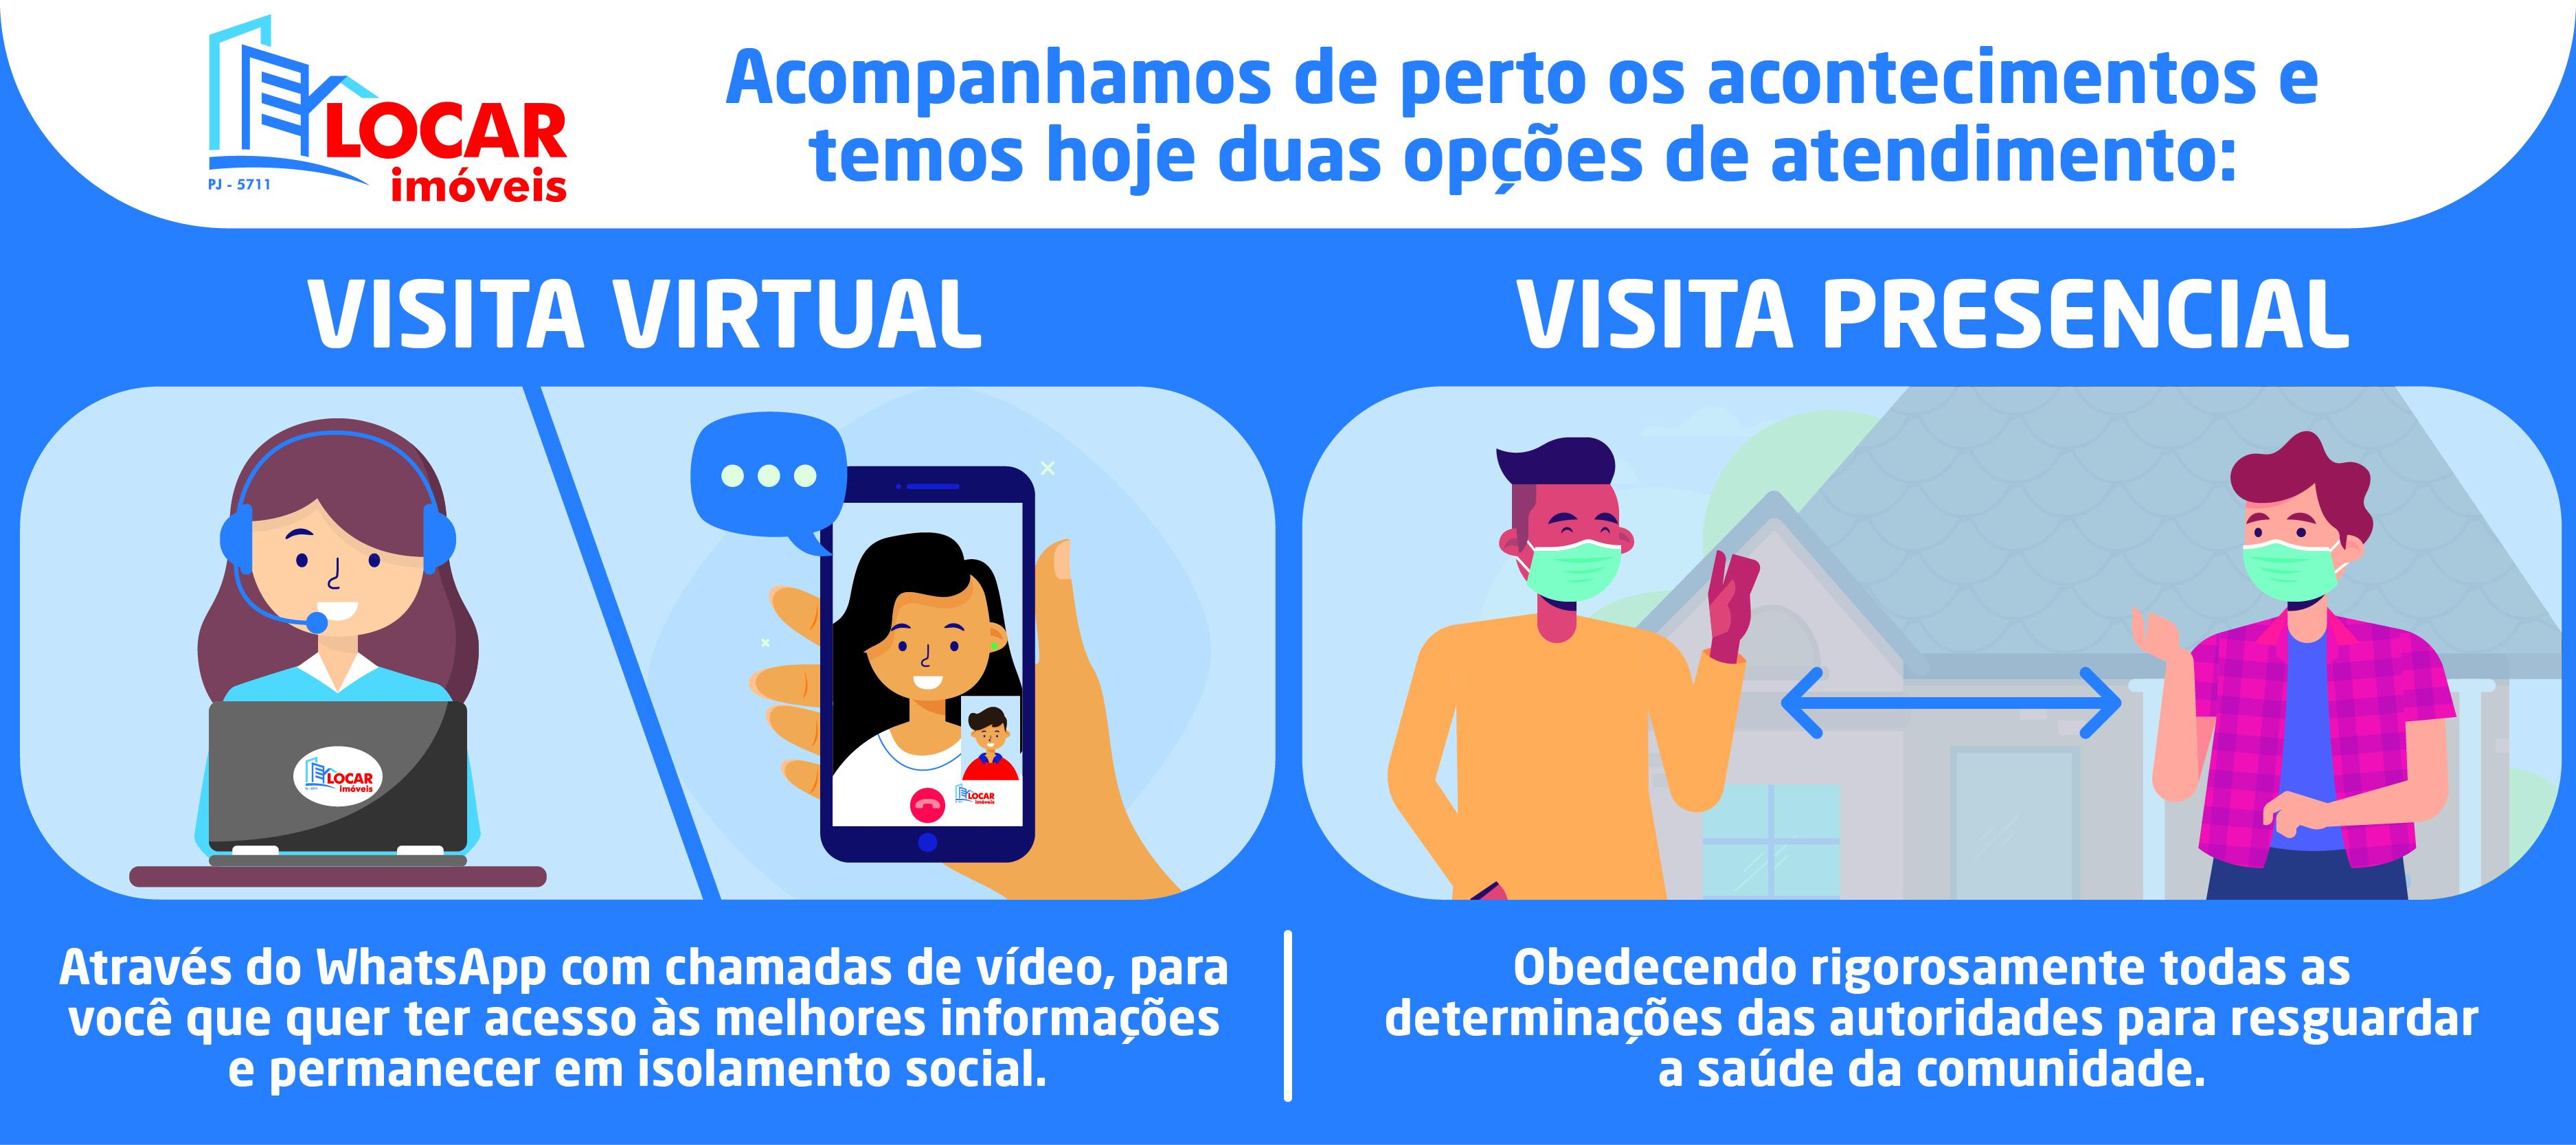 VisitaVirtual x Visita Presencial